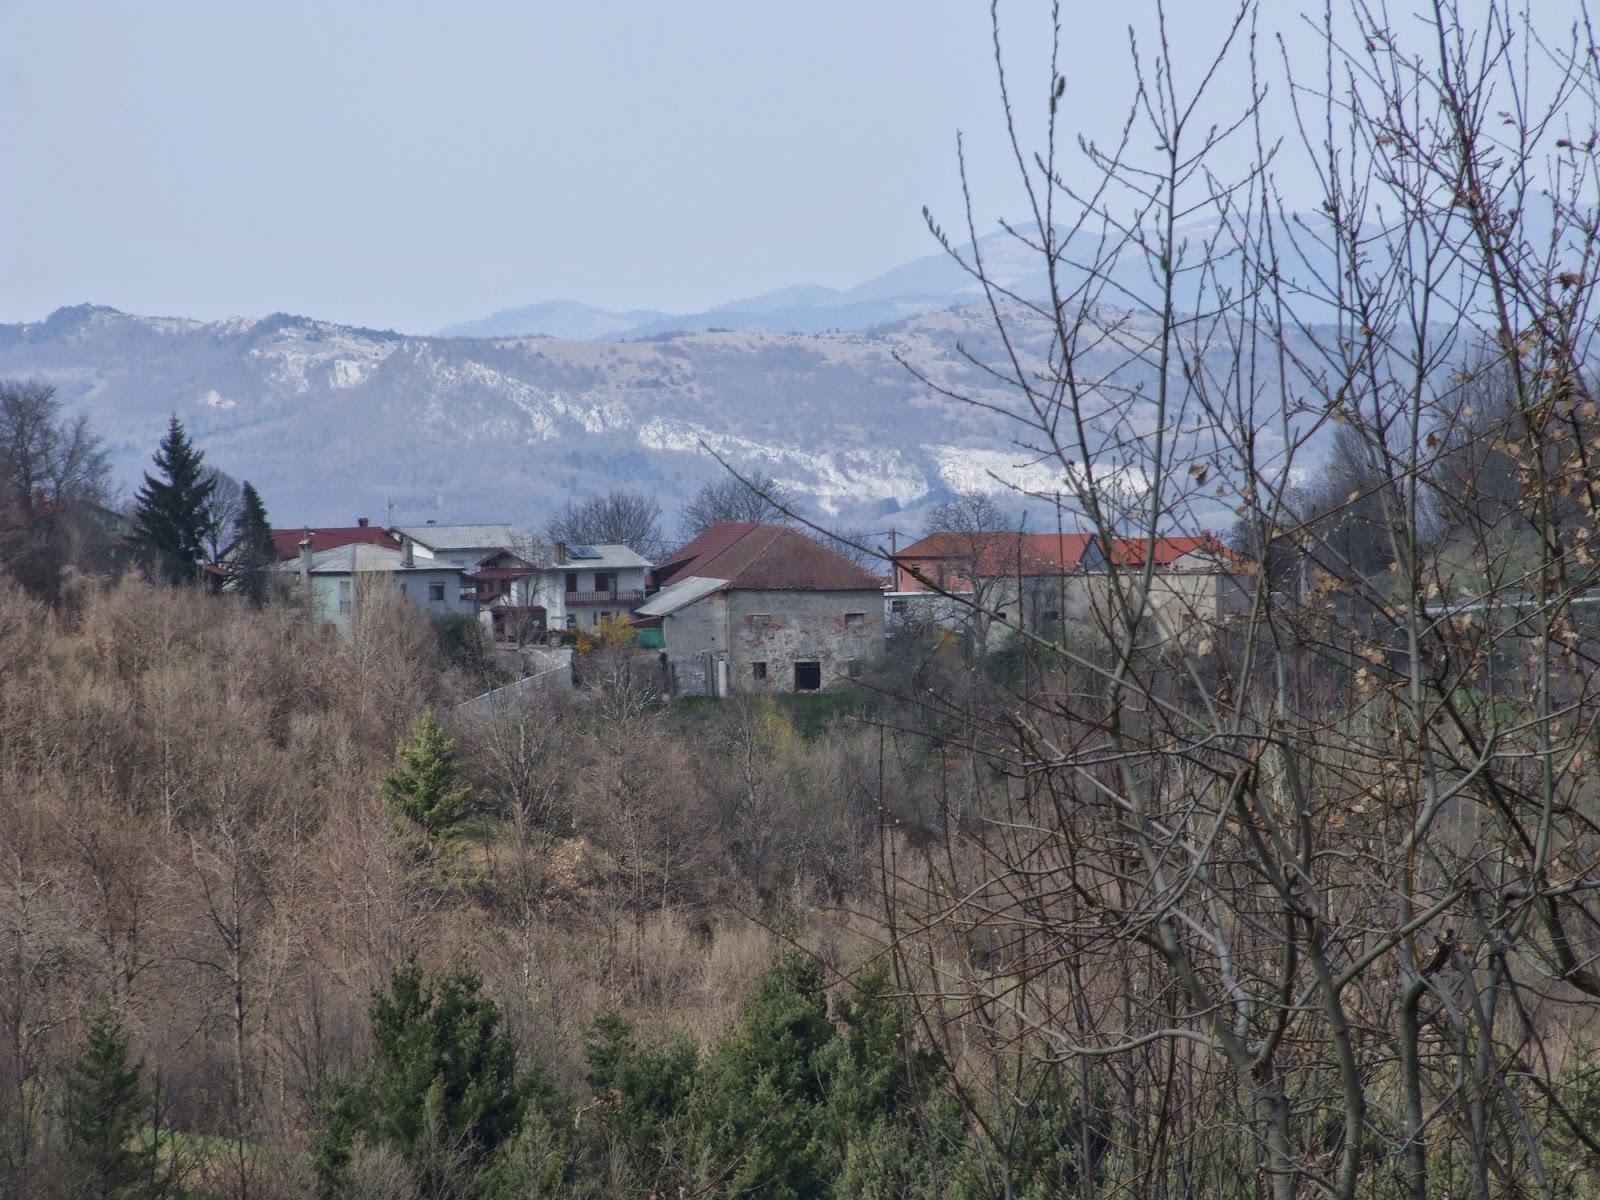 MČ spomladovanja 2014, 28-30.03.2014, Pavlica, Ilirska Bistrica - DSCF7391.JPG